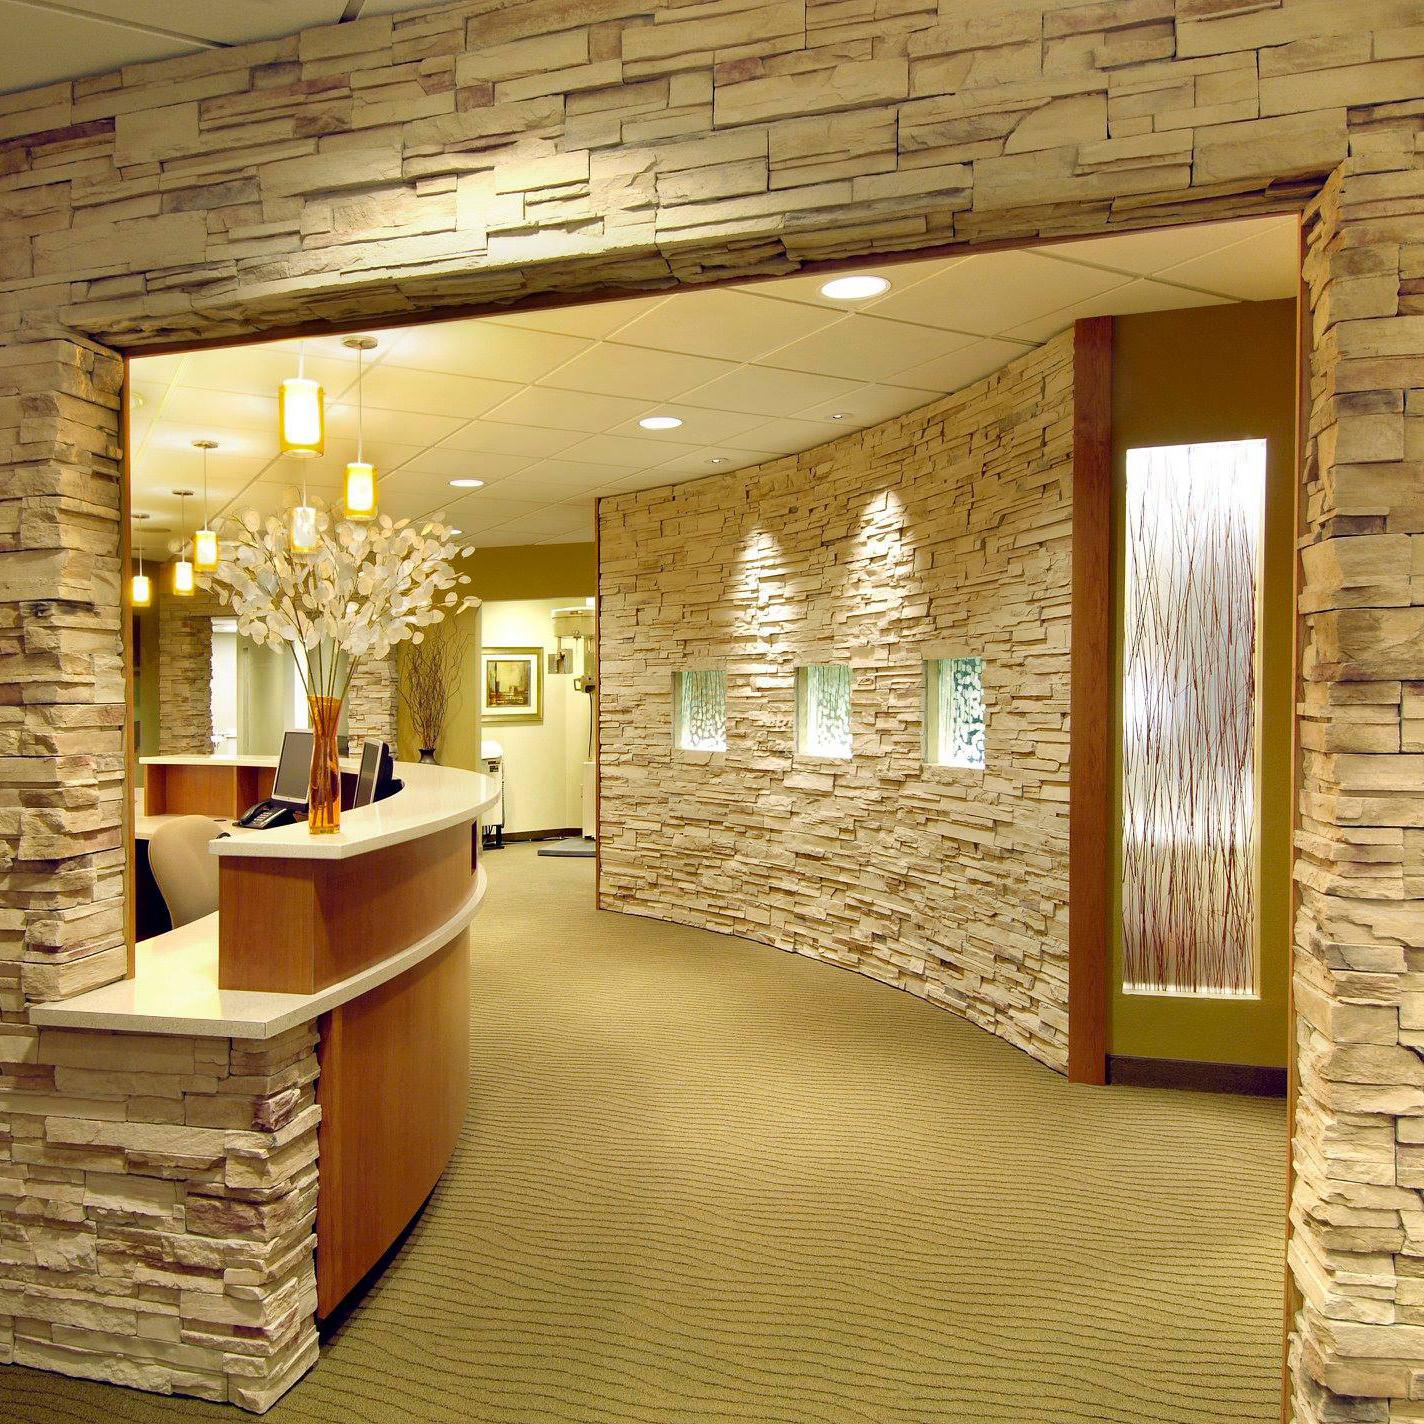 Creekview dental in Denver CO